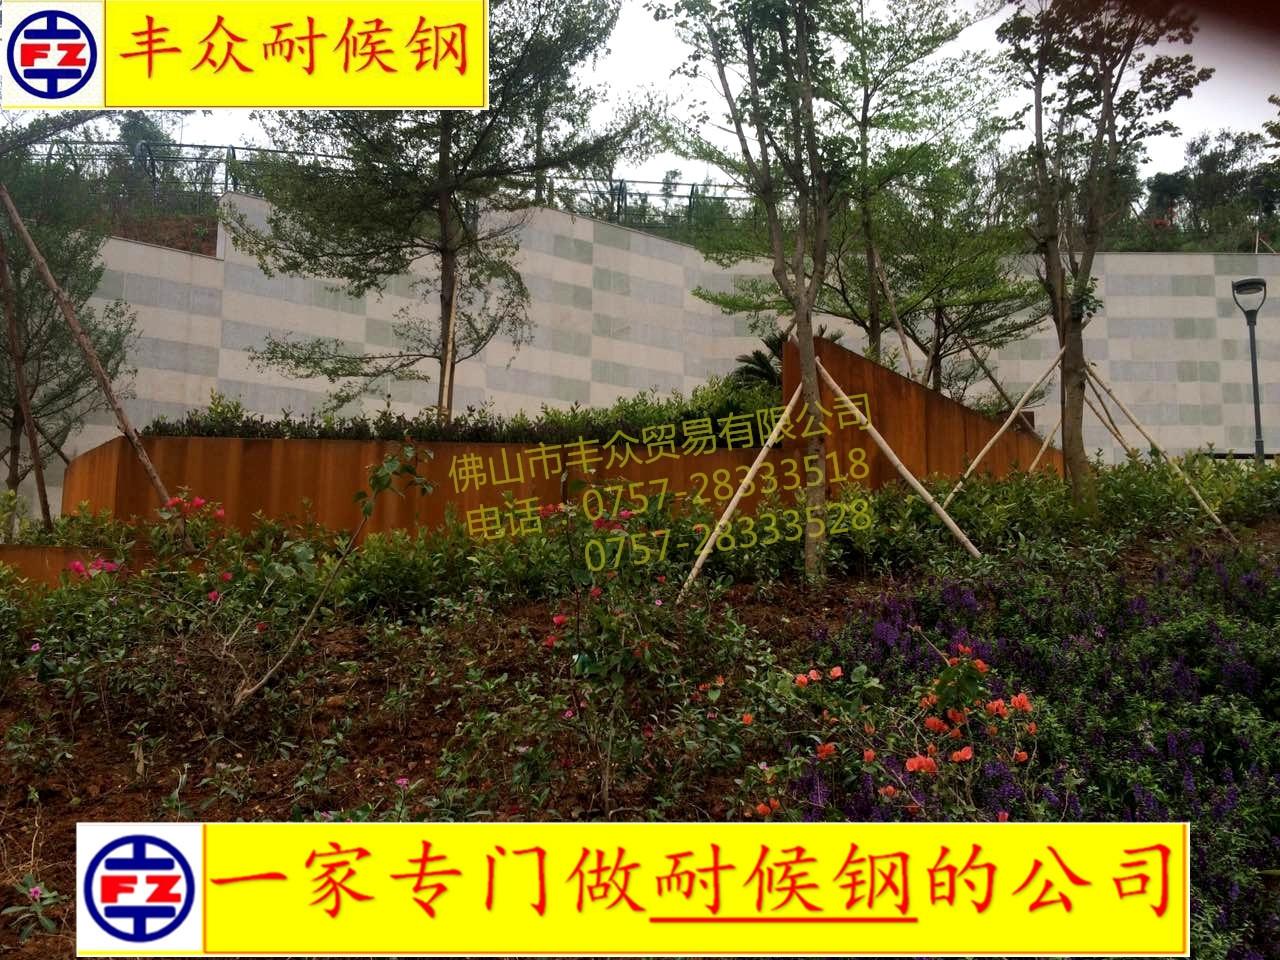 """在紫薇园,还有别具特色的""""紫薇流觞""""松木桩走道,该走道由米石和木桩"""